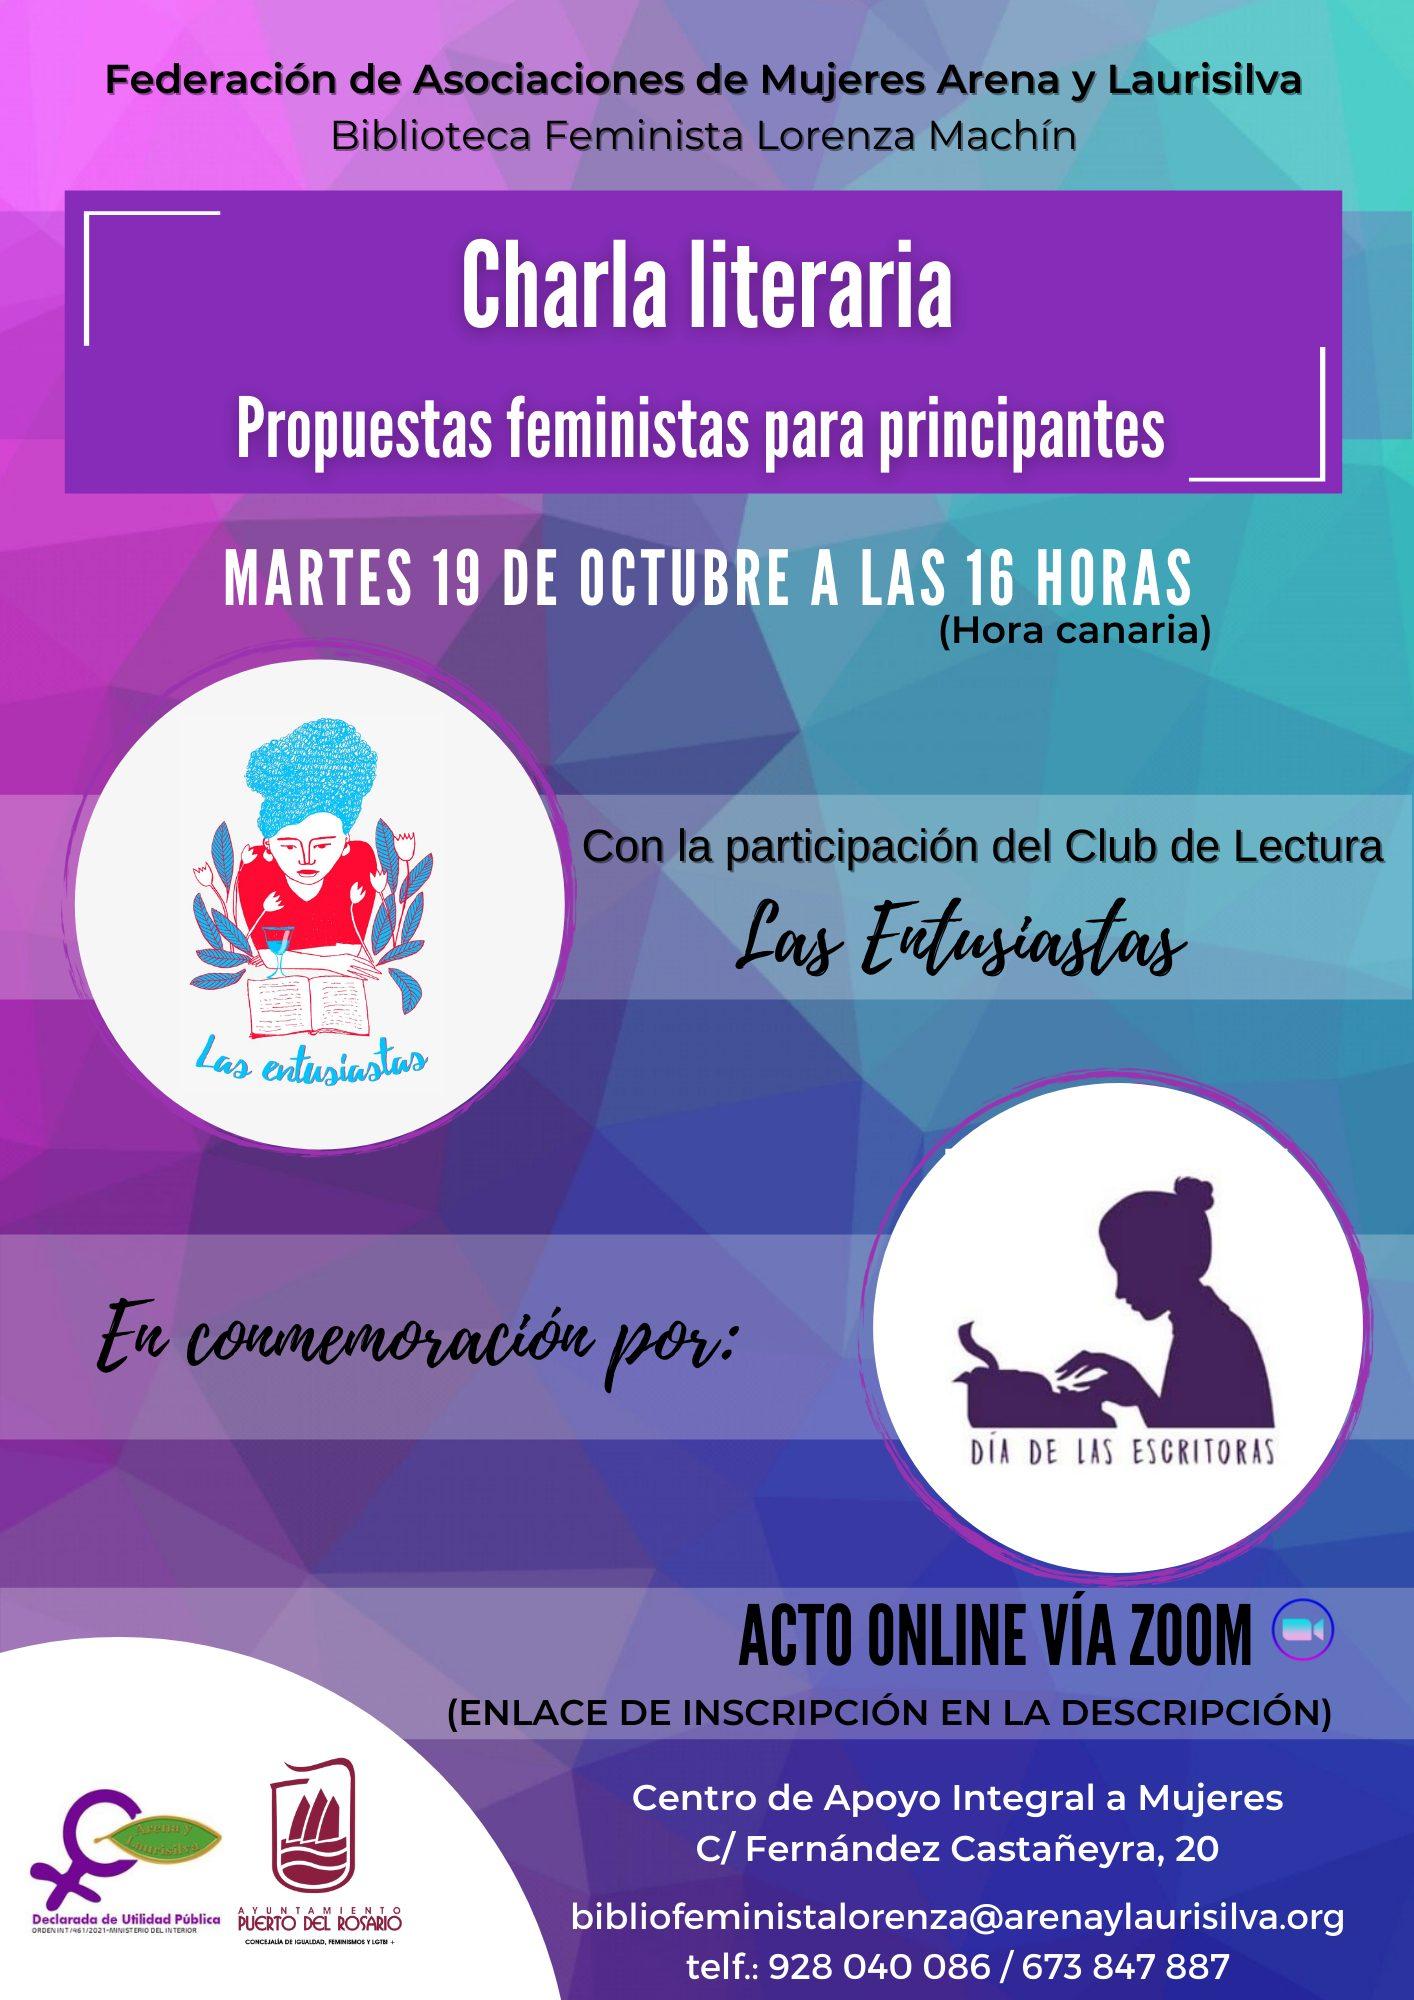 Biblioteca Feminista Lorenza Machín de la Federación de Asociaciones de Mujeres Arena y Laurisilva